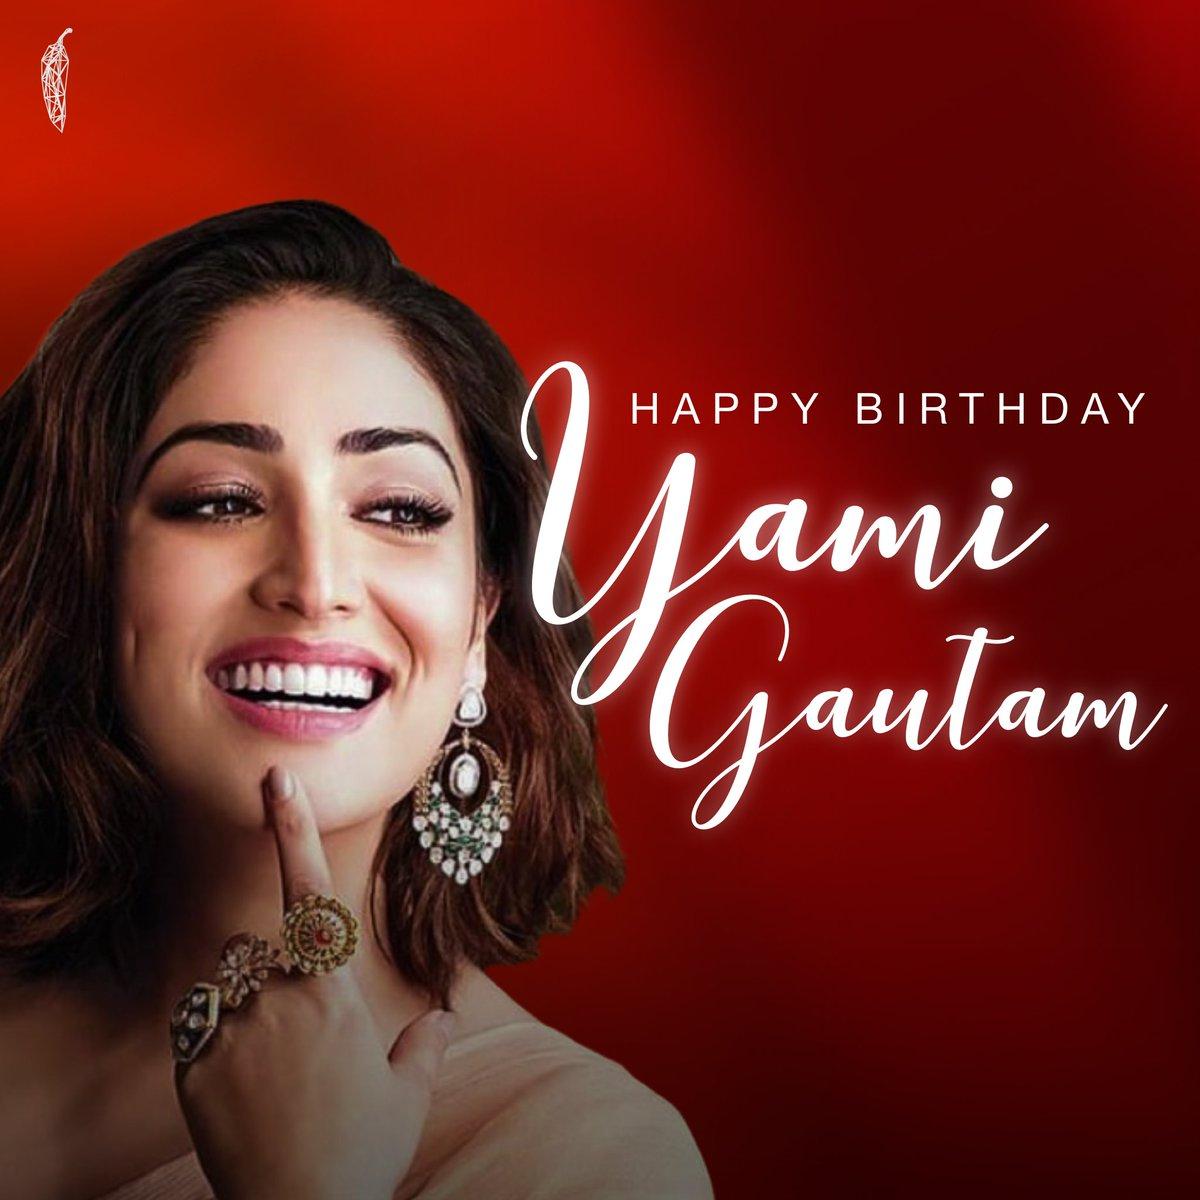 Wishing the beautiful @yamigautam a very Happy Birthday!!! #HappyBirthdayYamiGautam